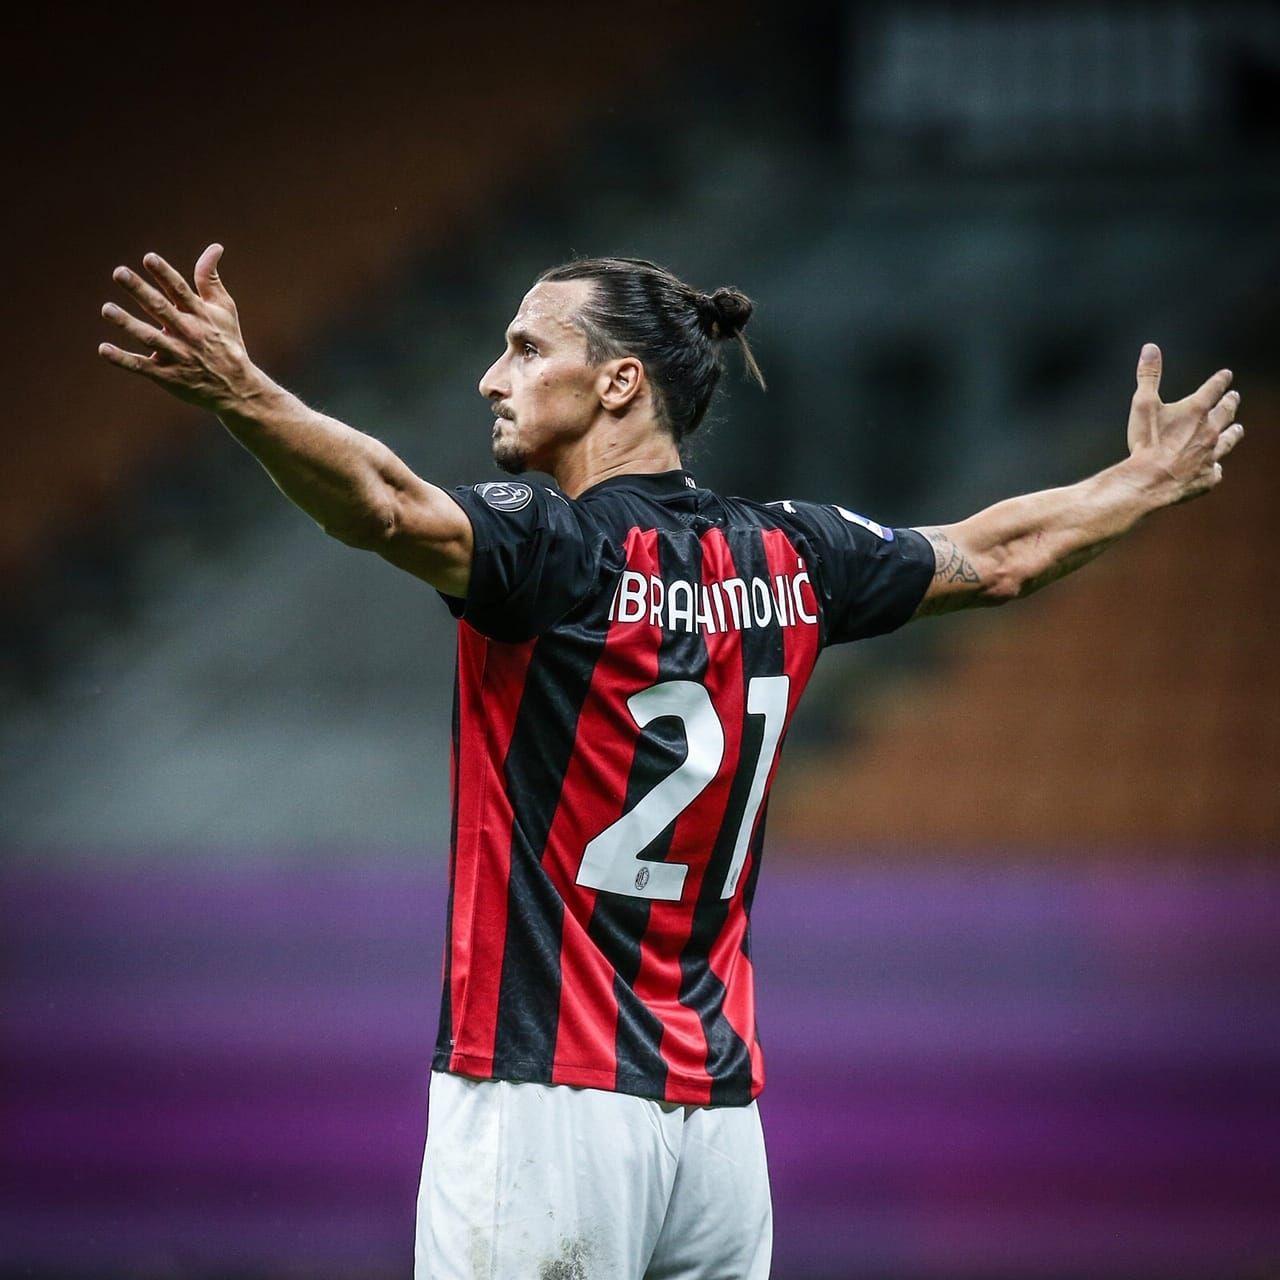 Zlatan Ibrahimovic On Twitter In 2020 Zlatan Ibrahimovic Ac Milan Milan